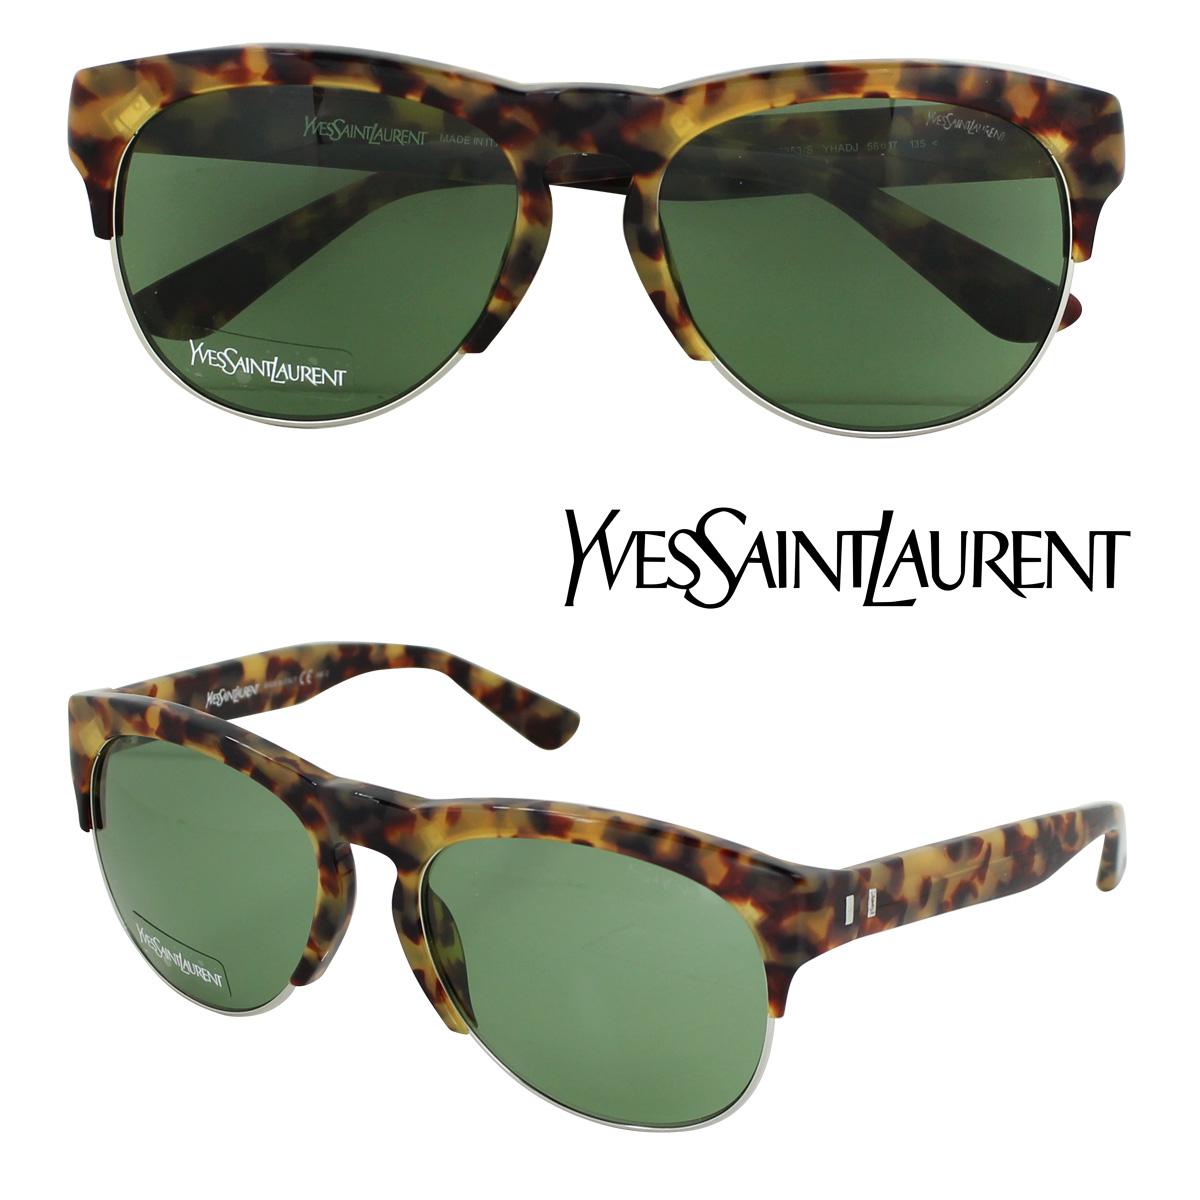 Yves Saint Laurent イヴサンローラン サングラス イタリア製 タートイズ メンズ レディース